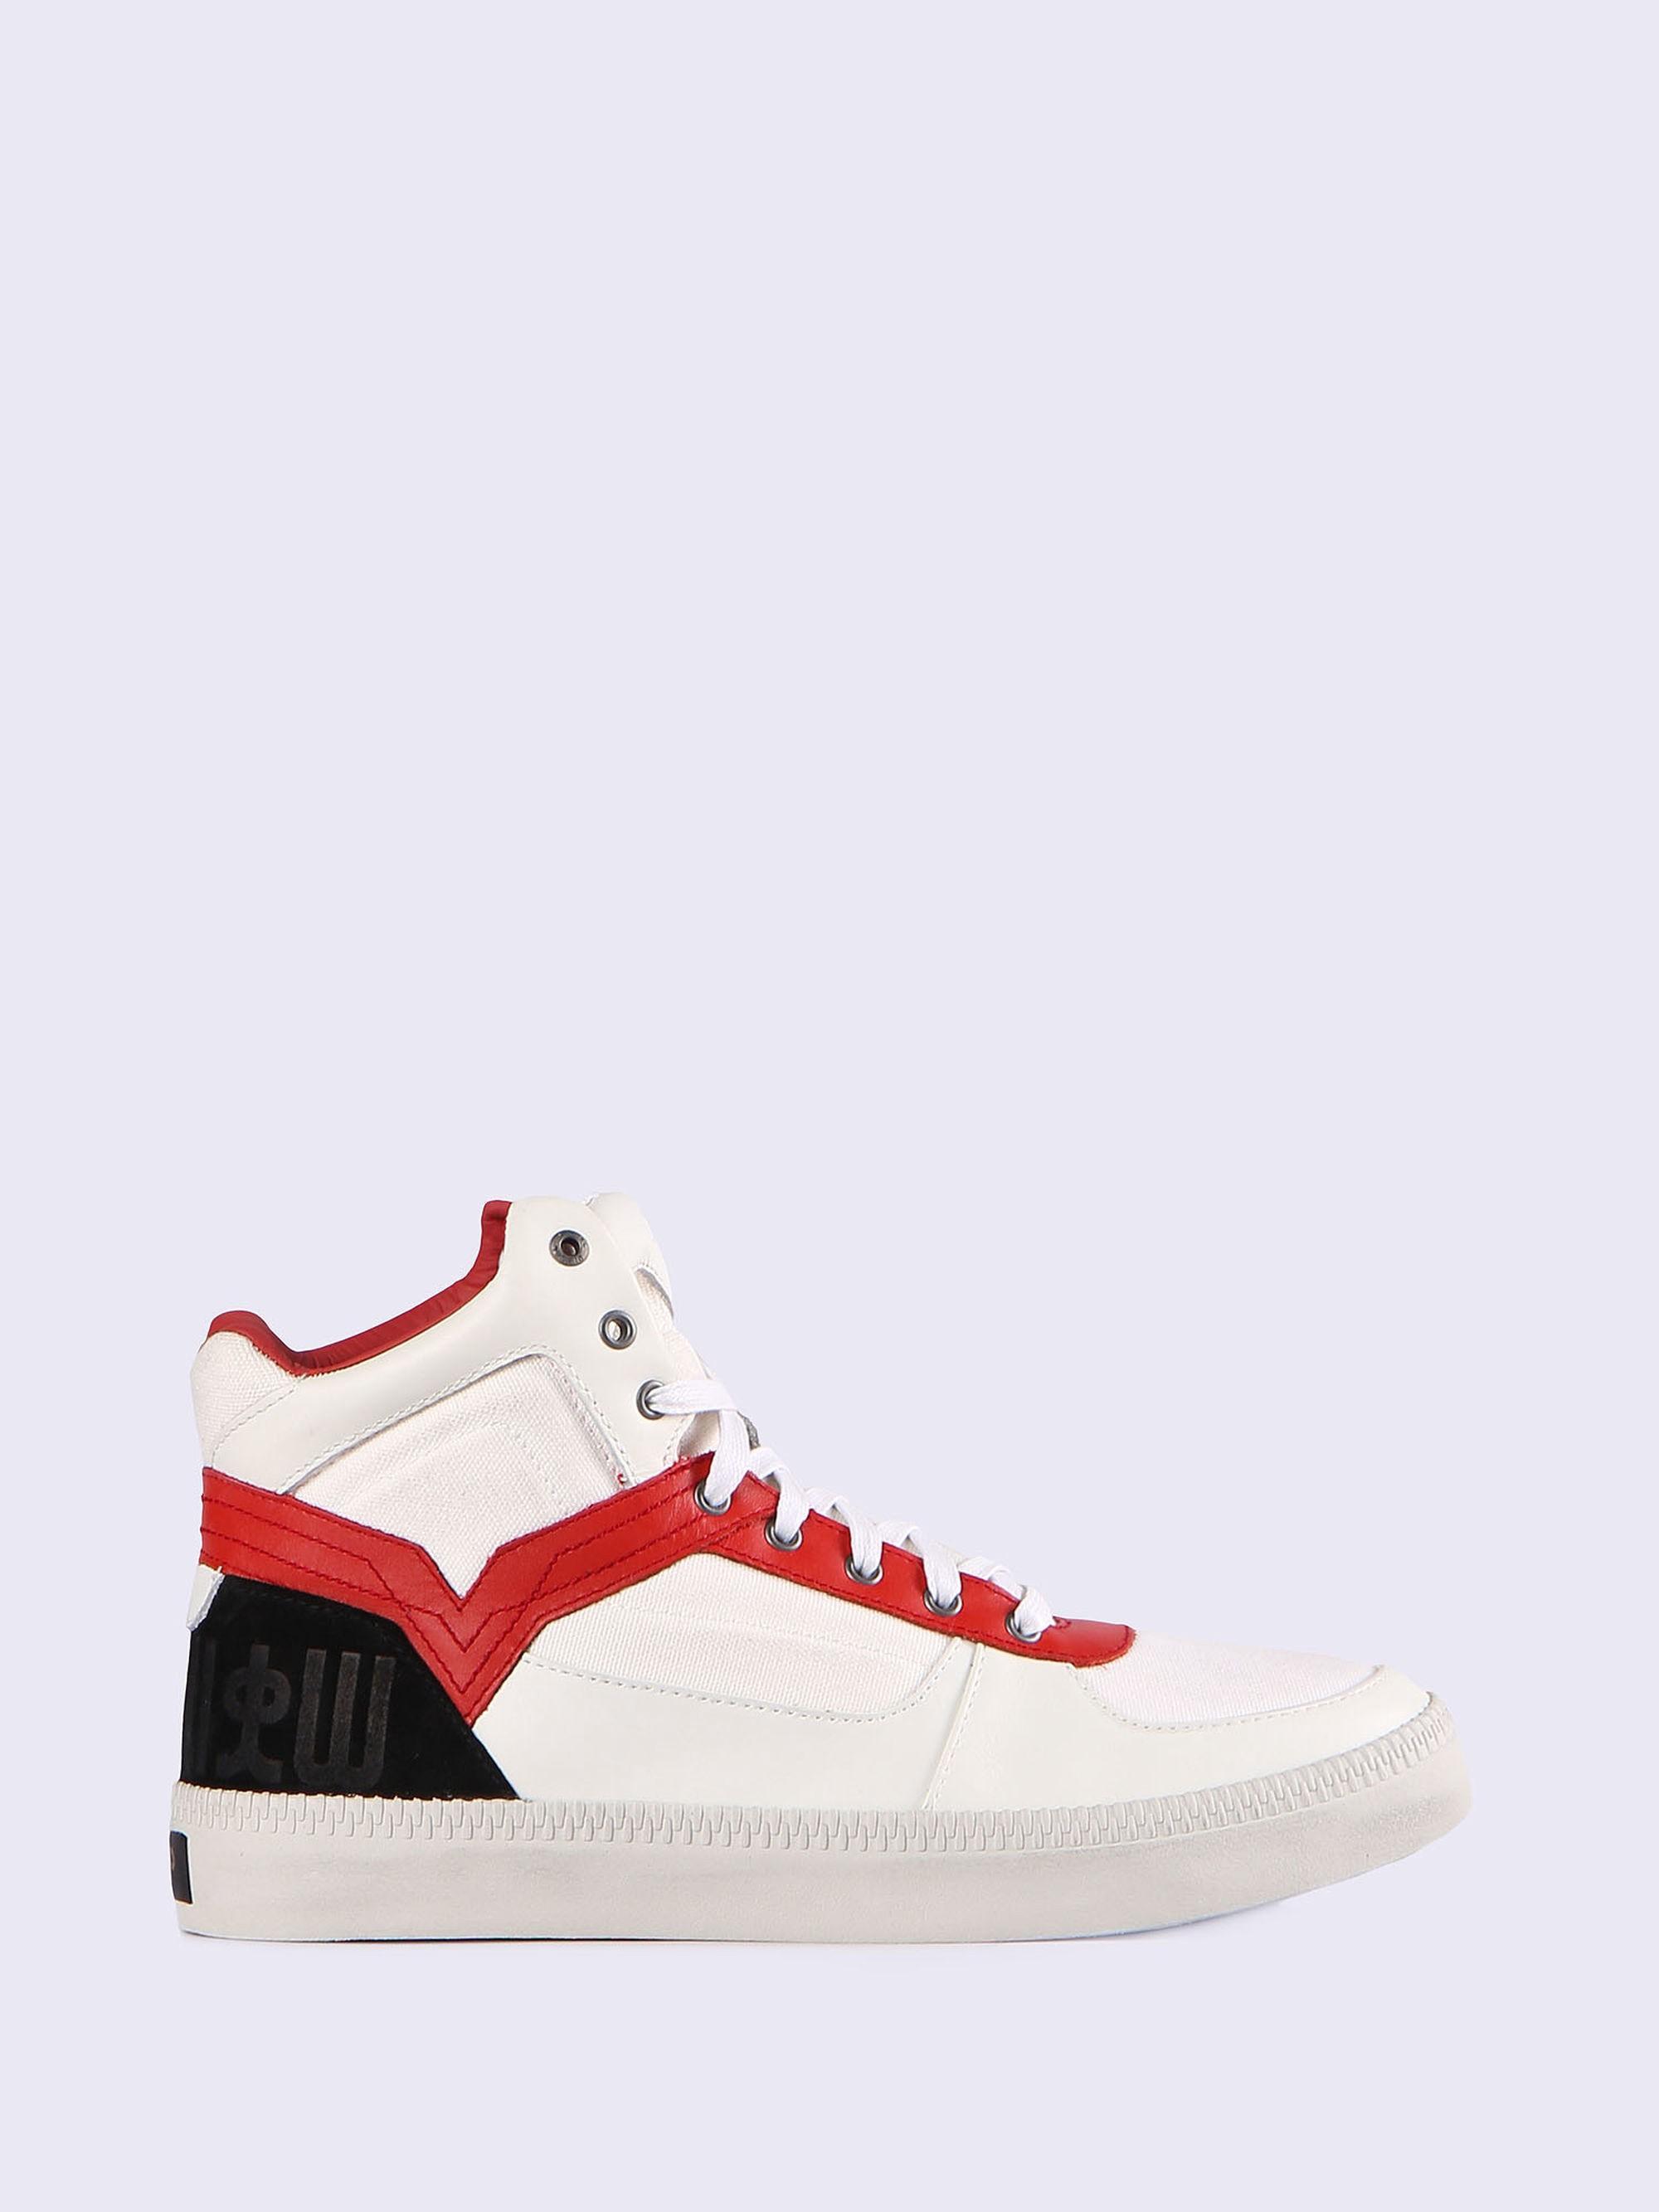 Diesel Street Fighter 5 Ryu Sneakers - White